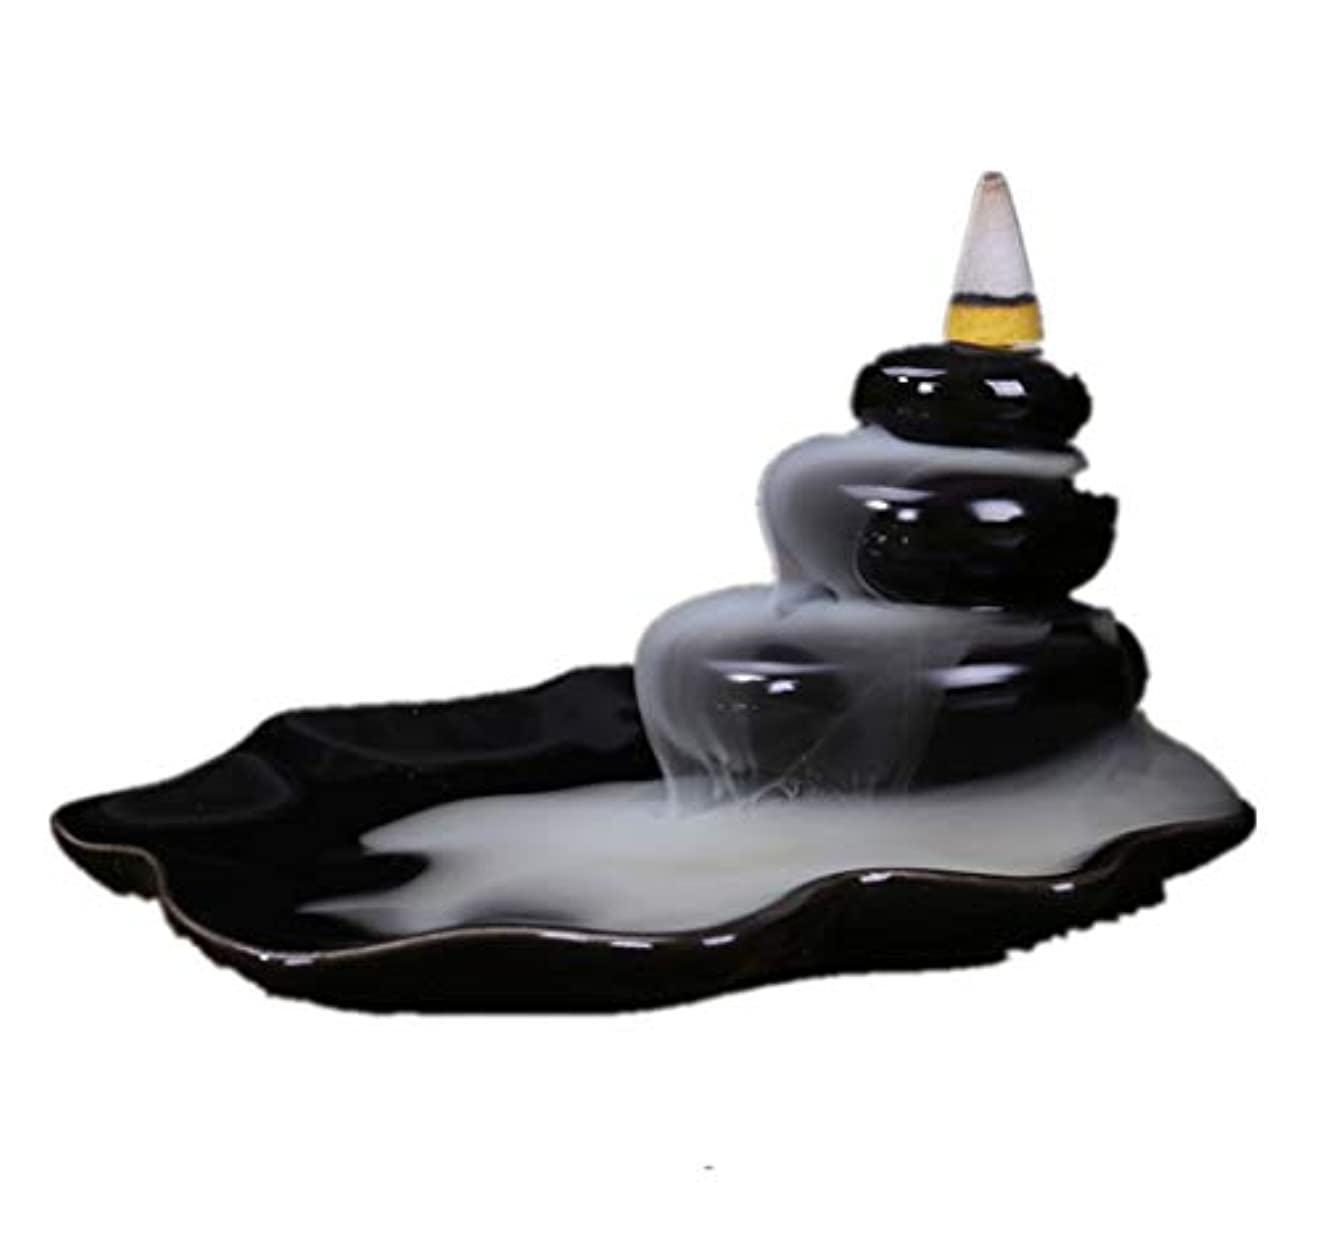 圧縮するブロックするファントムXPPXPP Backflow Incense Burner, Household Ceramic Returning Cone-shaped Candlestick Burner